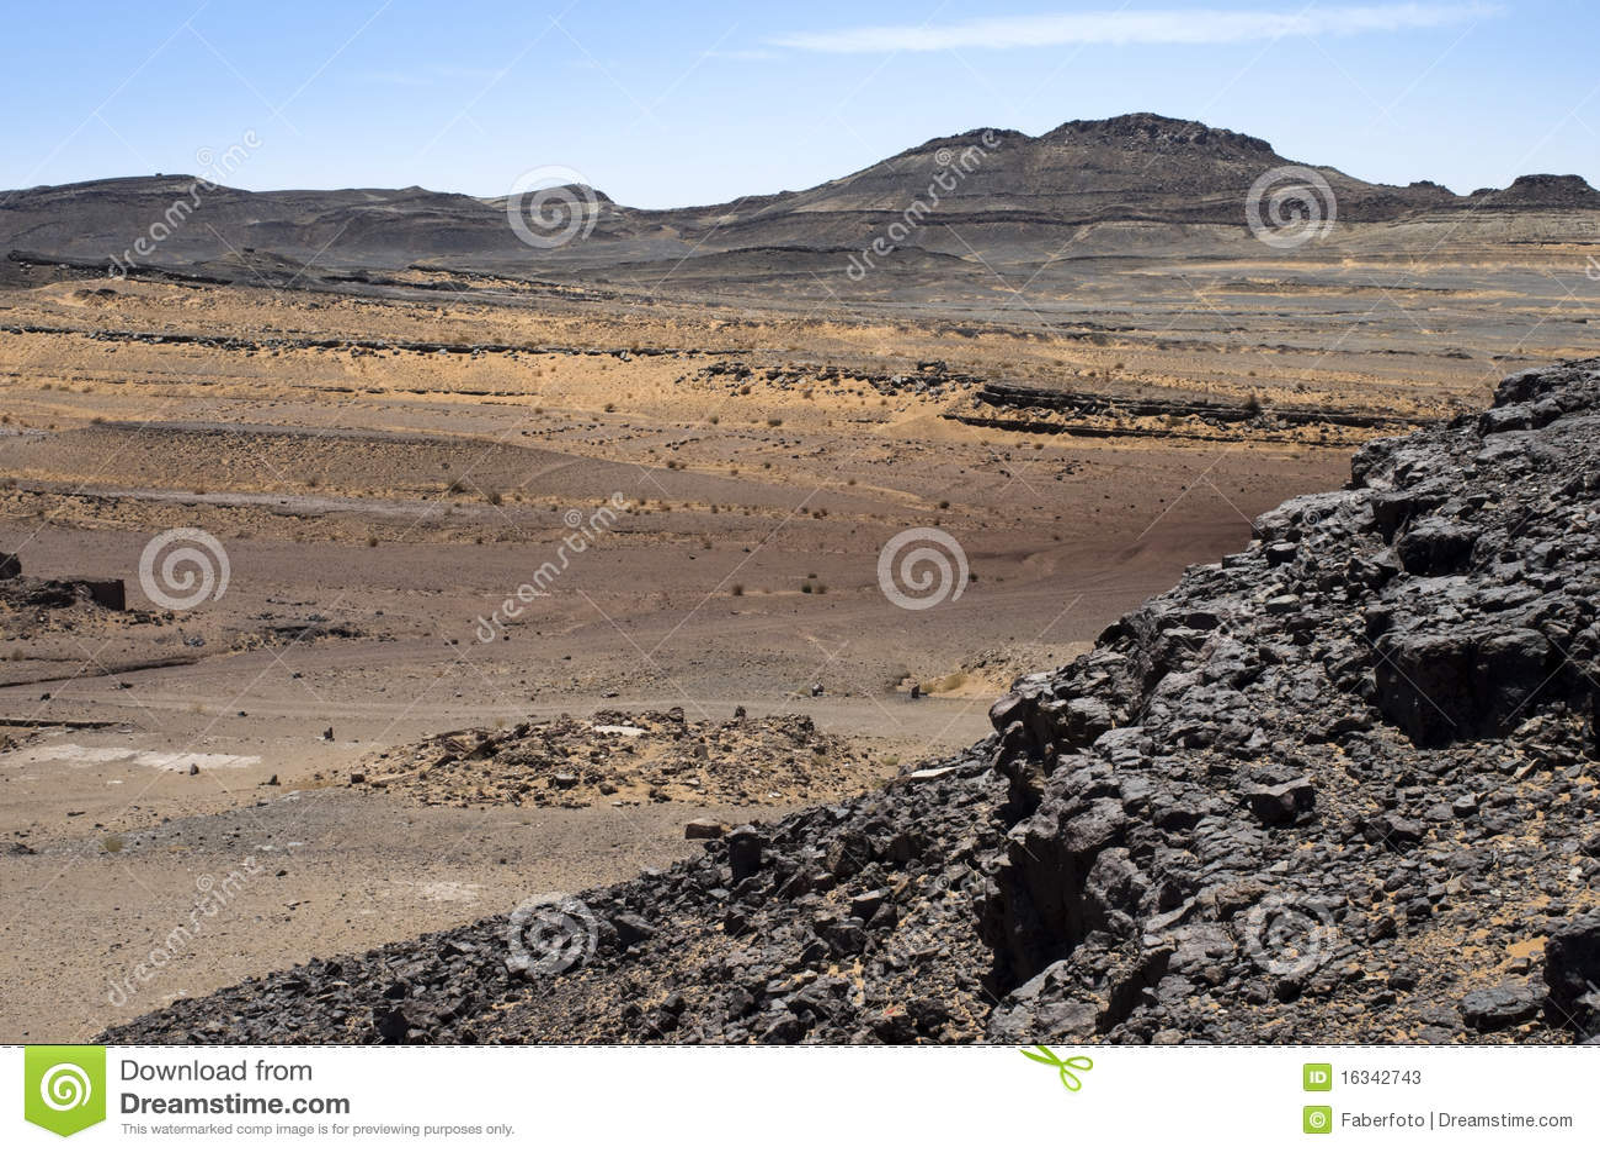 - stone-desert-16342743